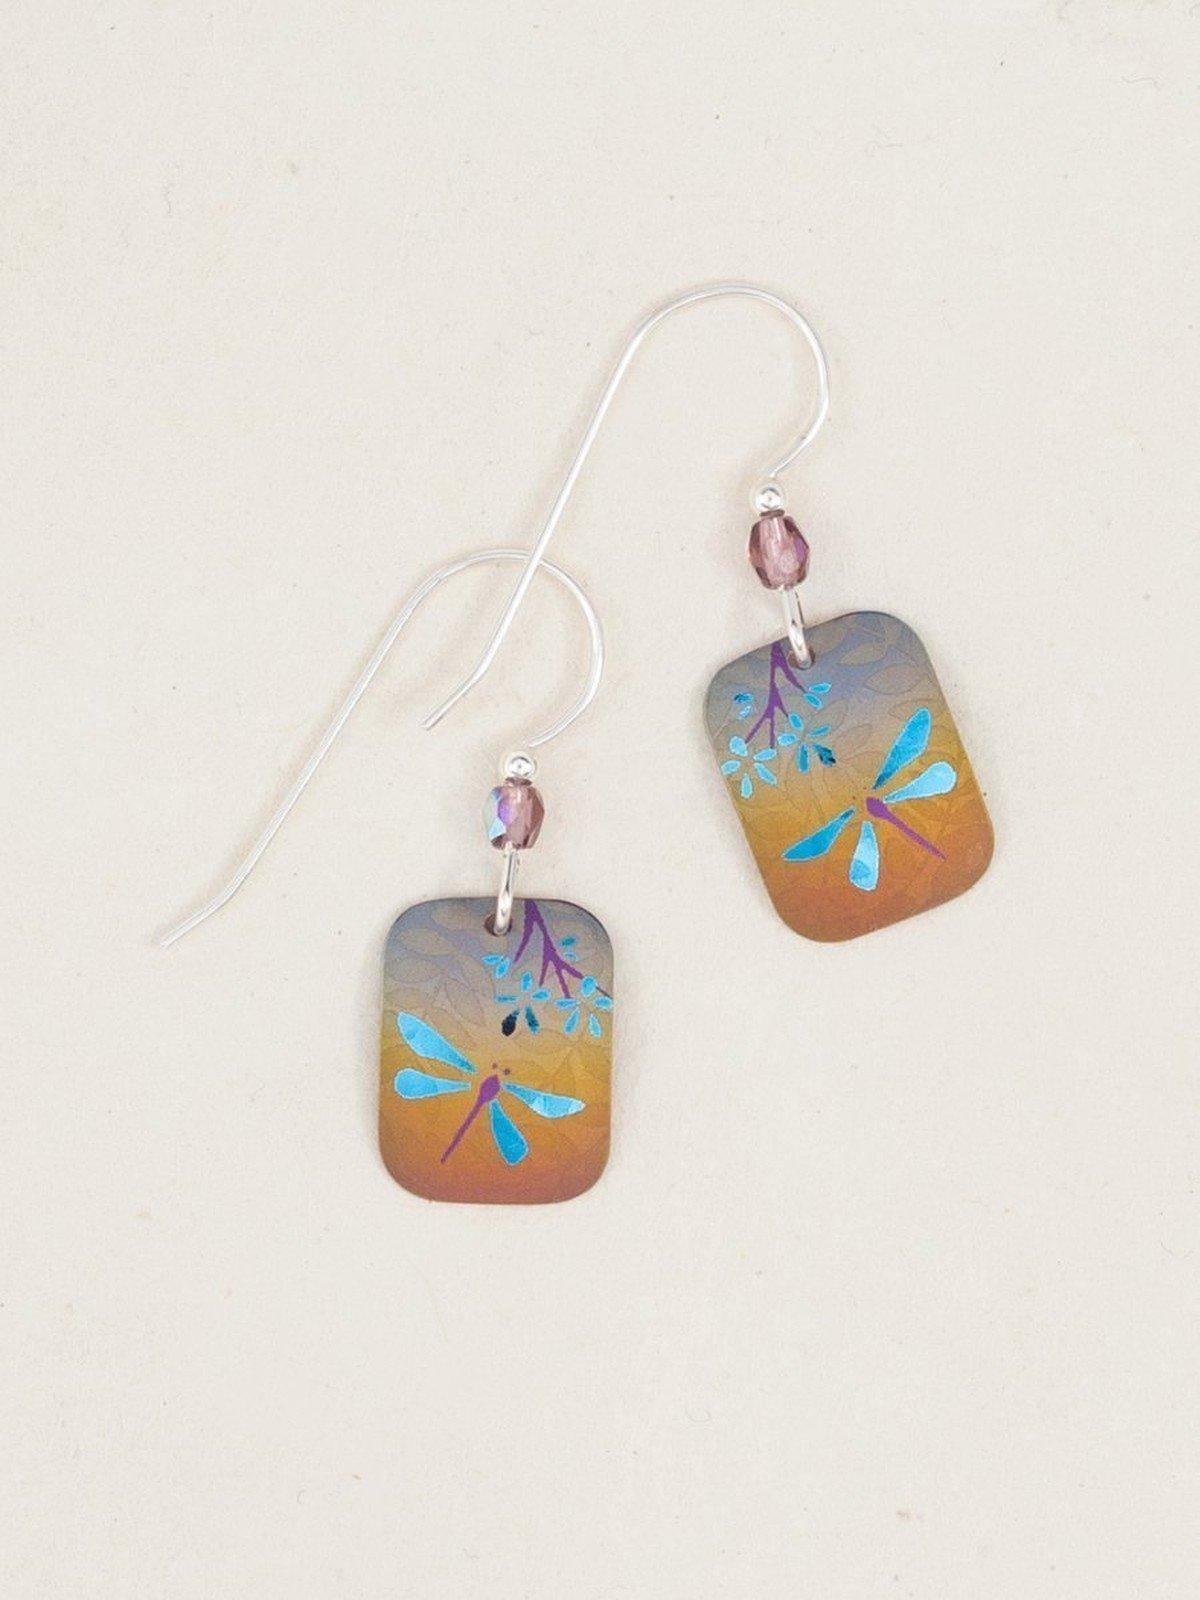 Garden Party dragonfly earrings